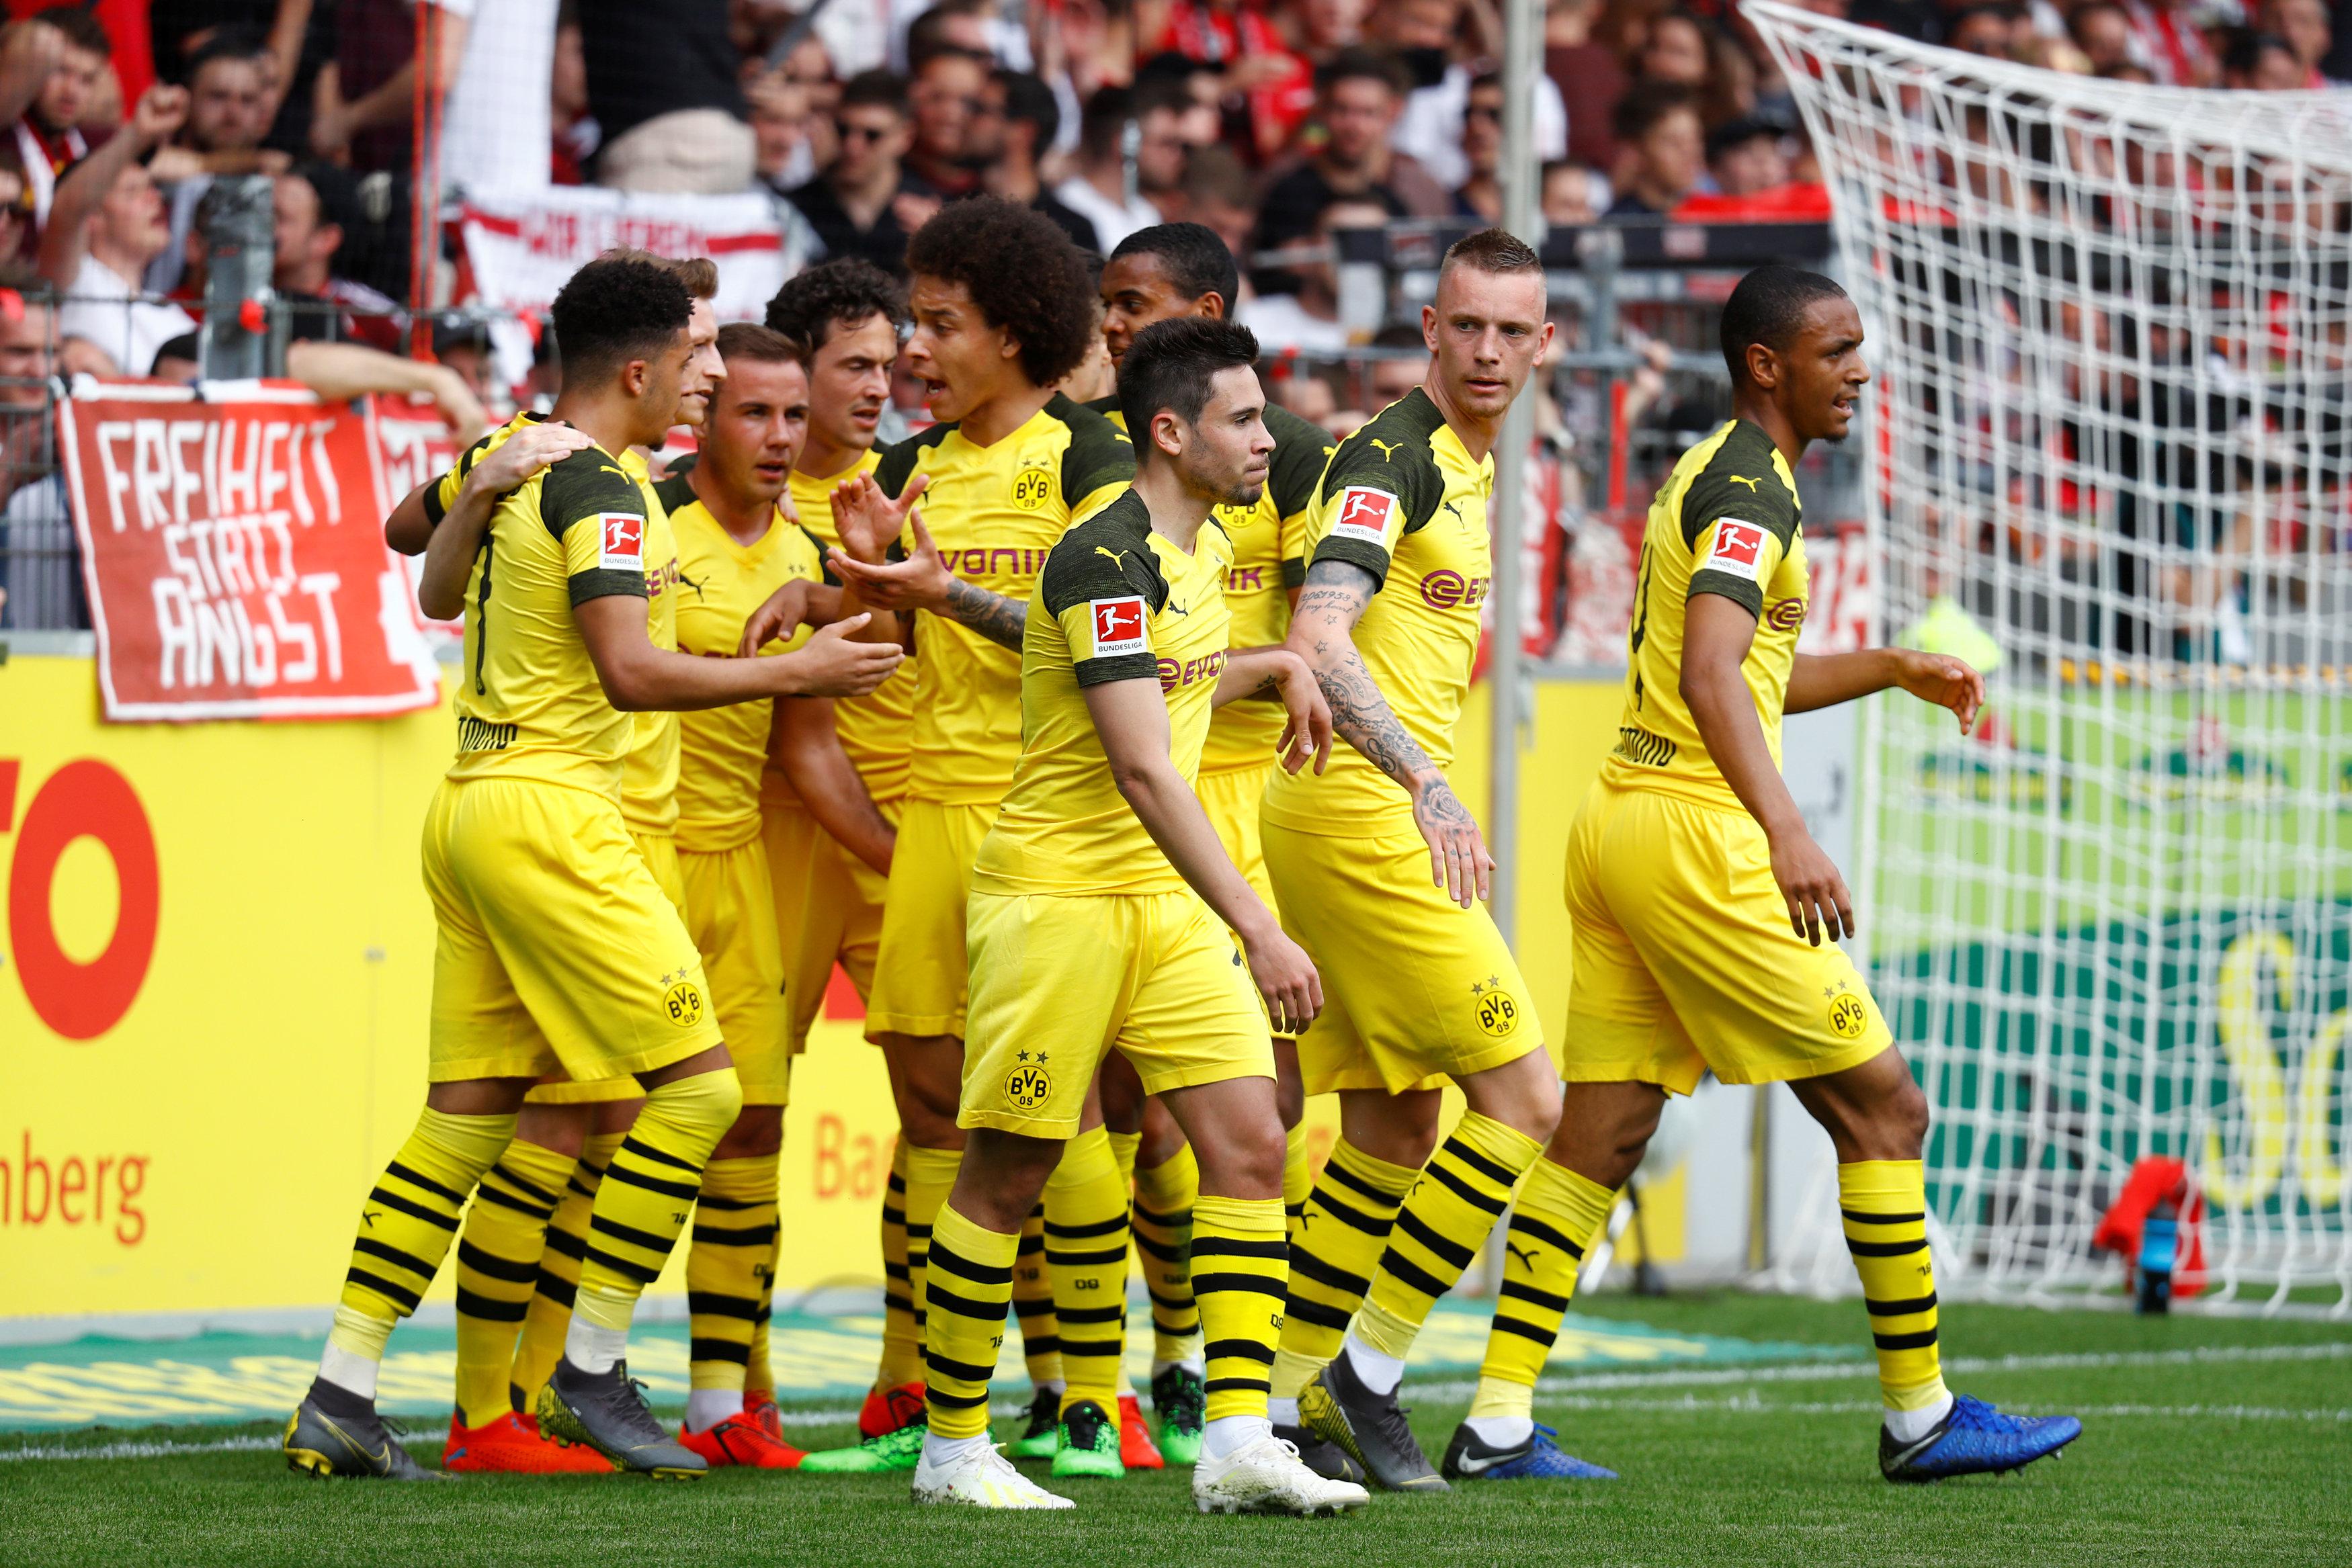 En fotos: Borussia Dortmund se aferra a su lucha por el título de la Bundesliga